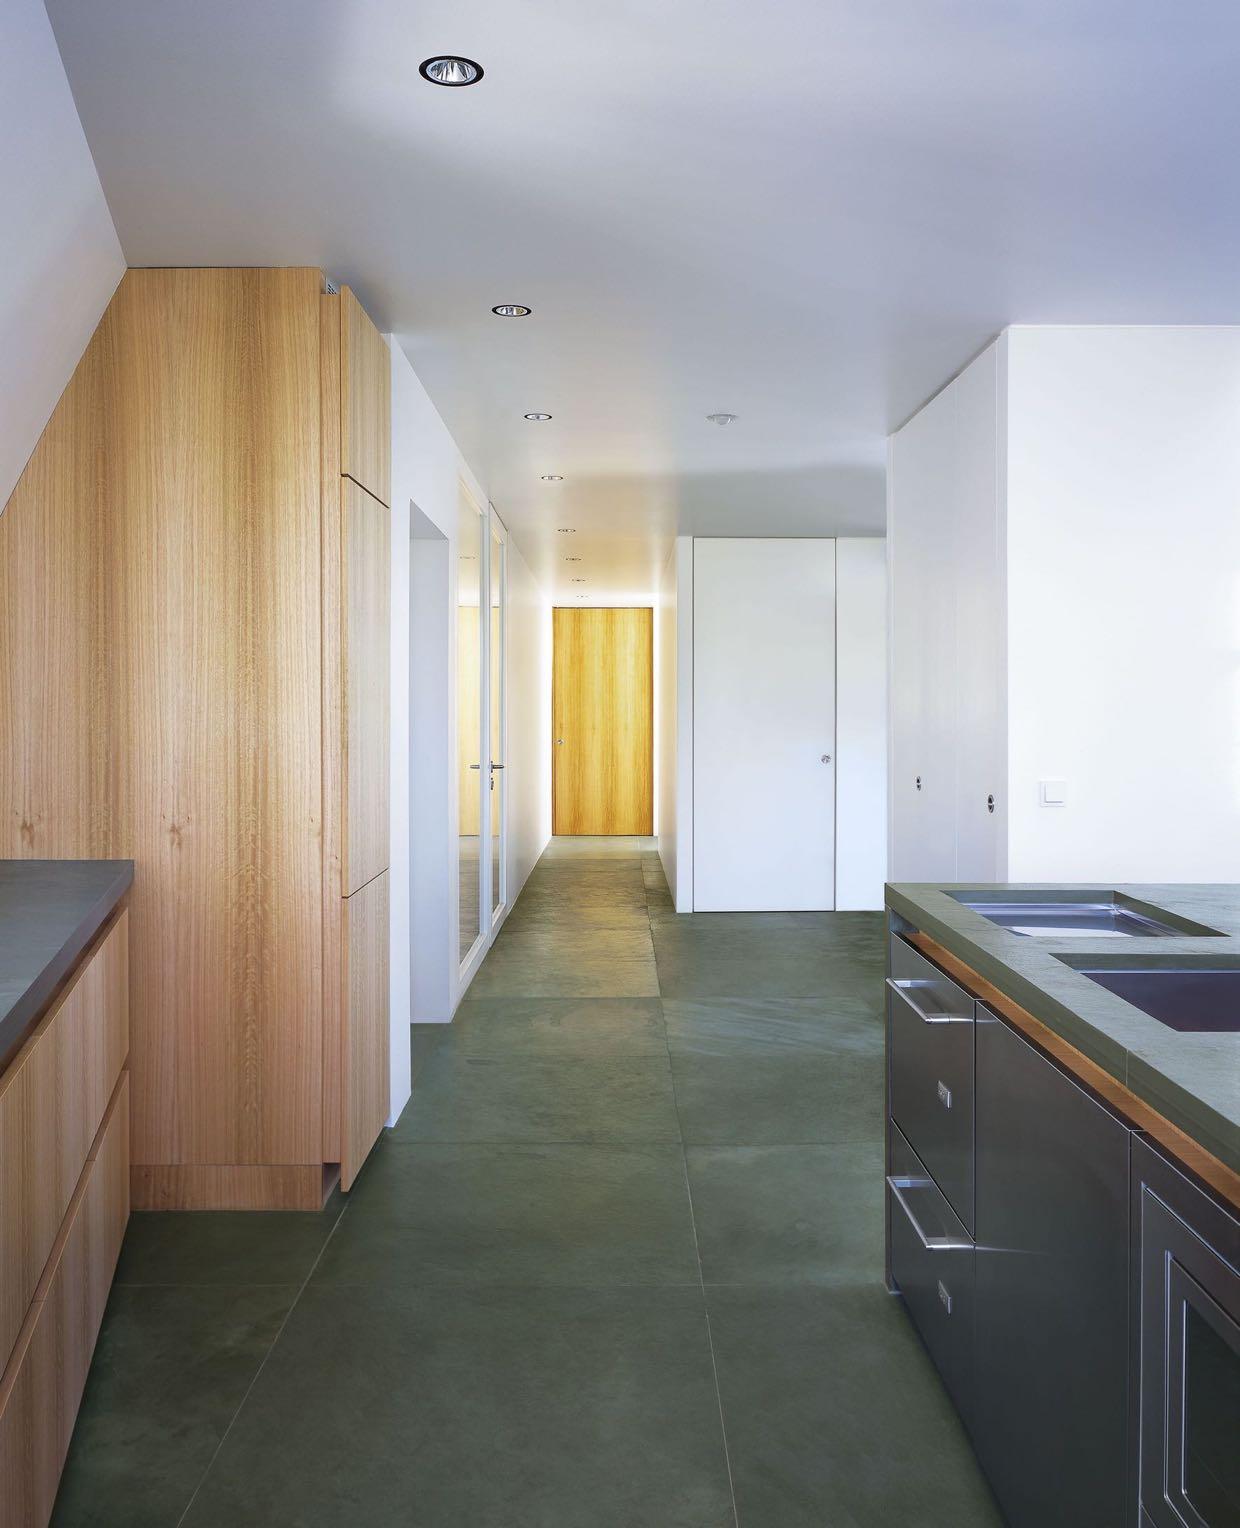 74 wohnzimmer bar frankfurt 3d interieur wohnzimmer for Bar wohnzimmer